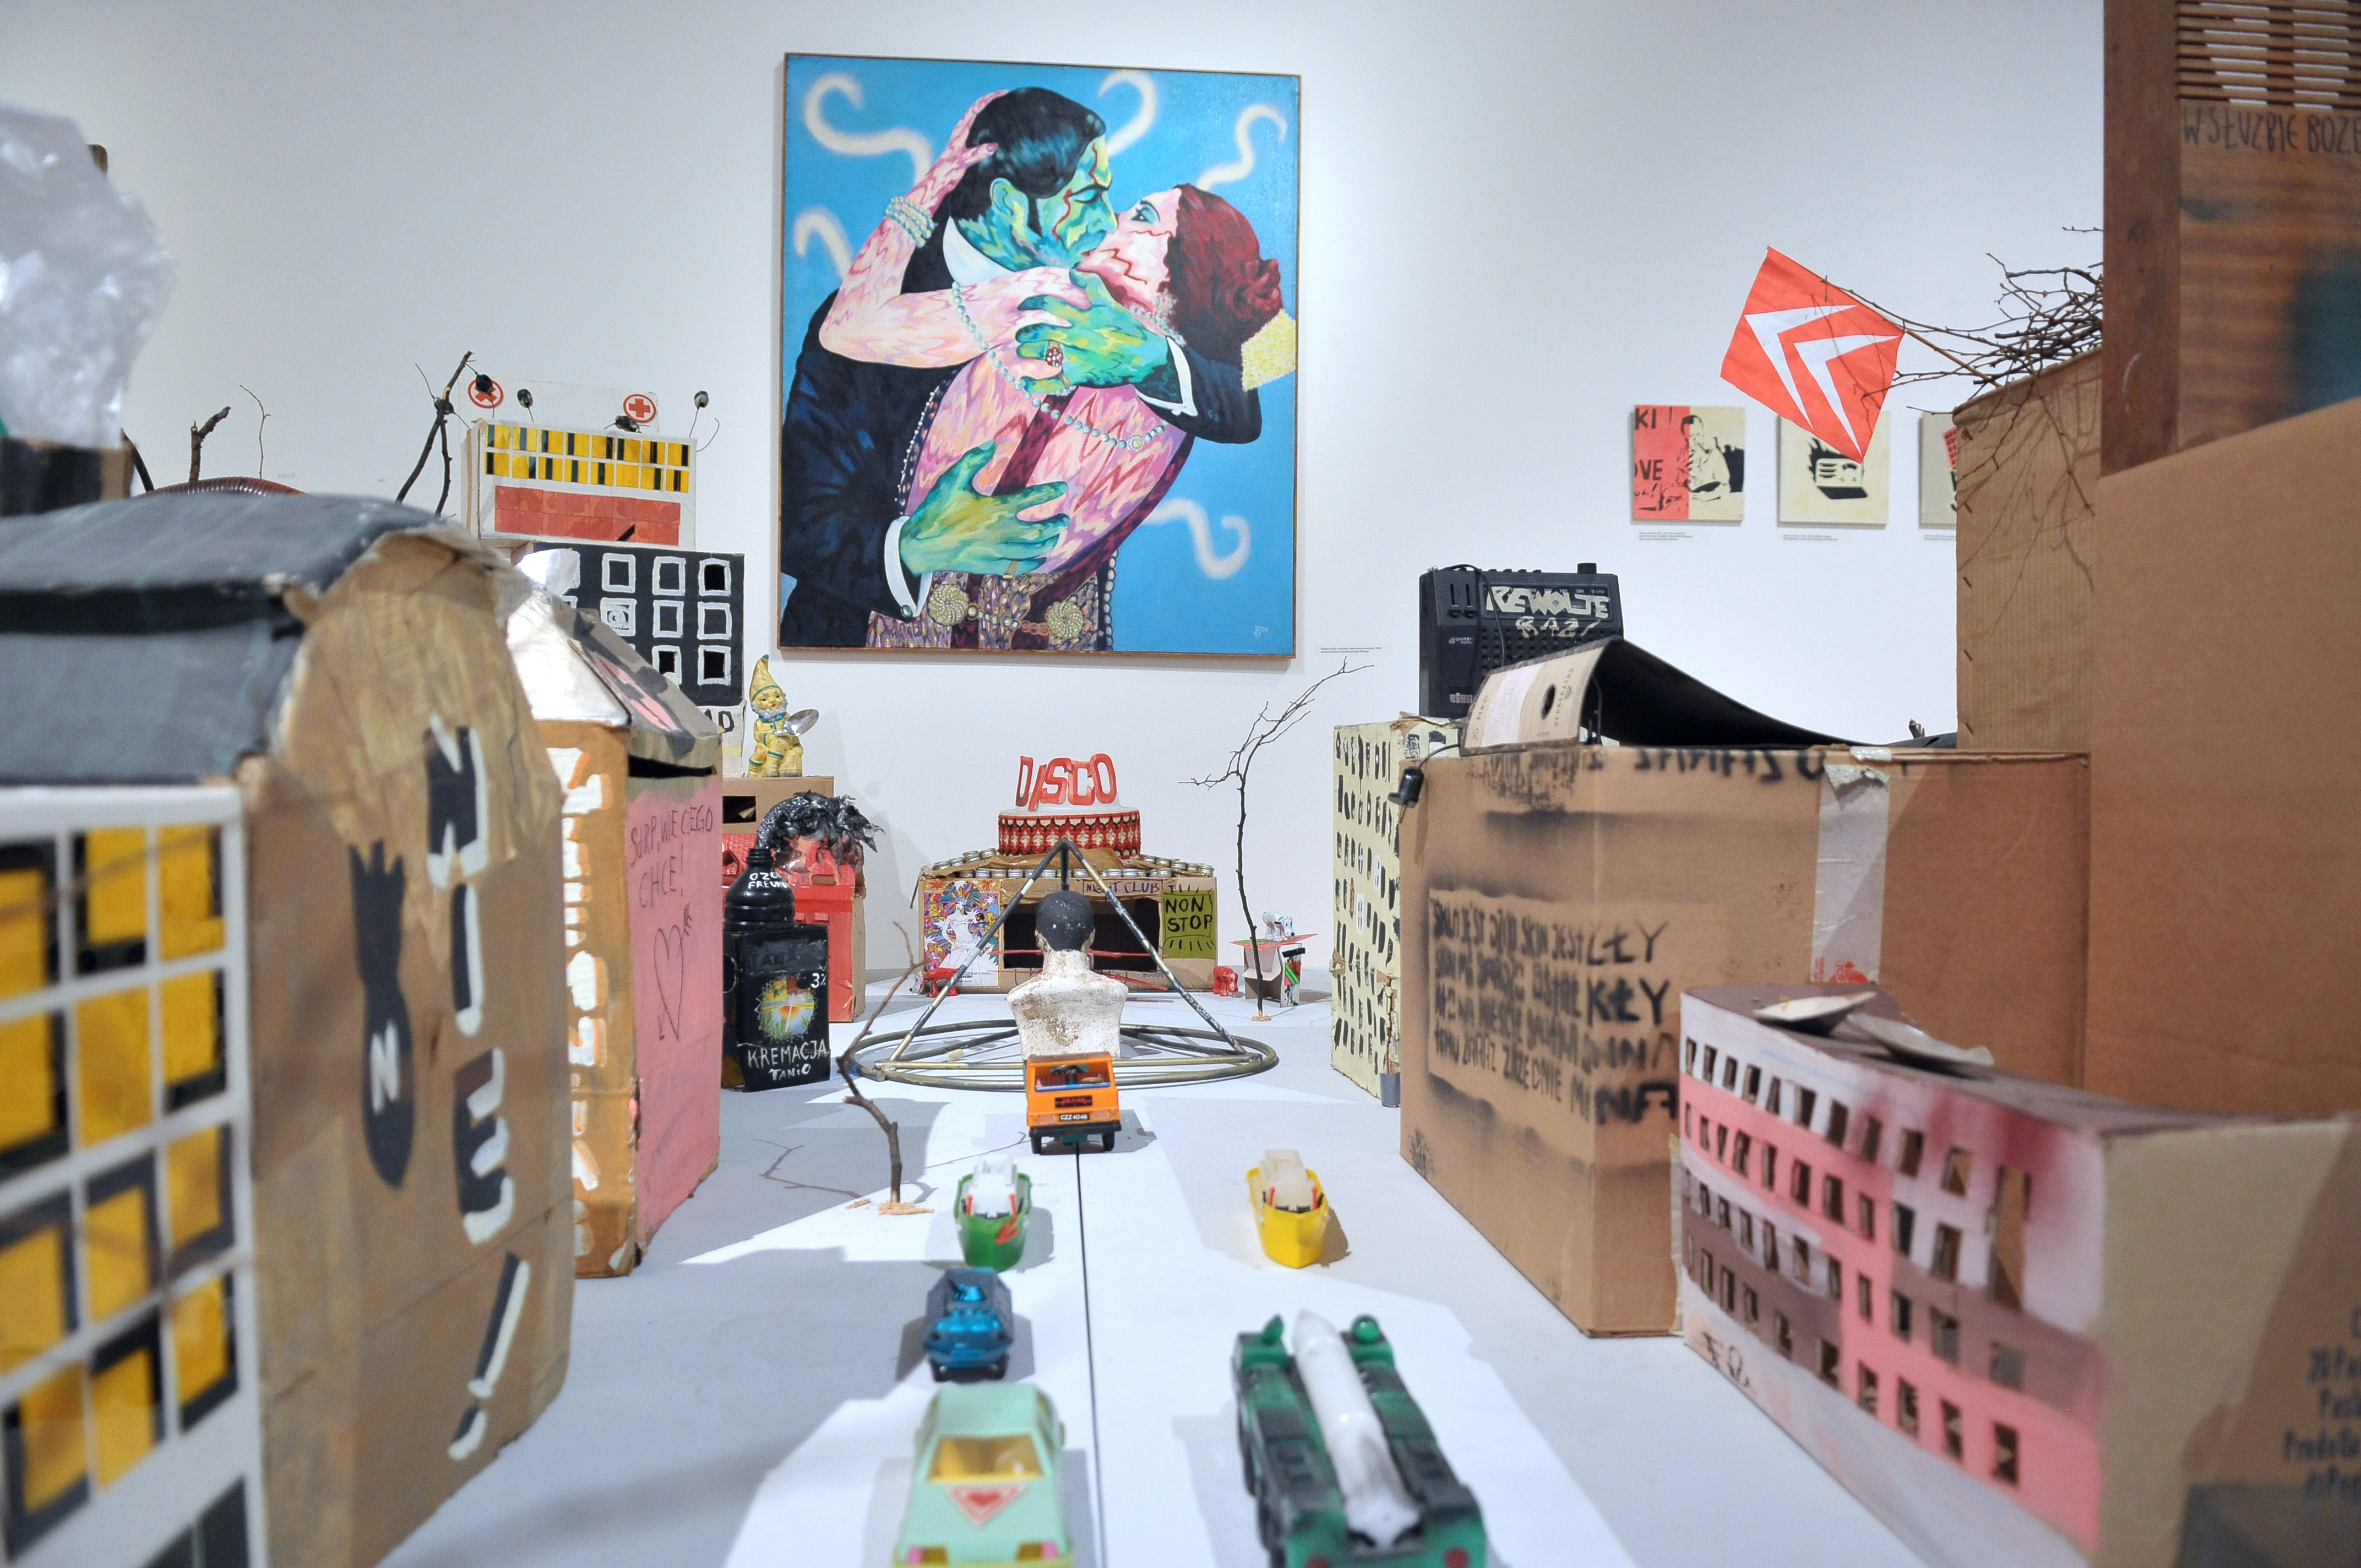 ala nr7. Grupa Luxus, Ity możesz zostać King Kongiem, instalacja, 1987–1991, kolekcja MWW. Wtle: Bożena Grzyb-Jarodzka, Elektryczny pocałunek, 1993, olej, płótno, kolekcja MWW